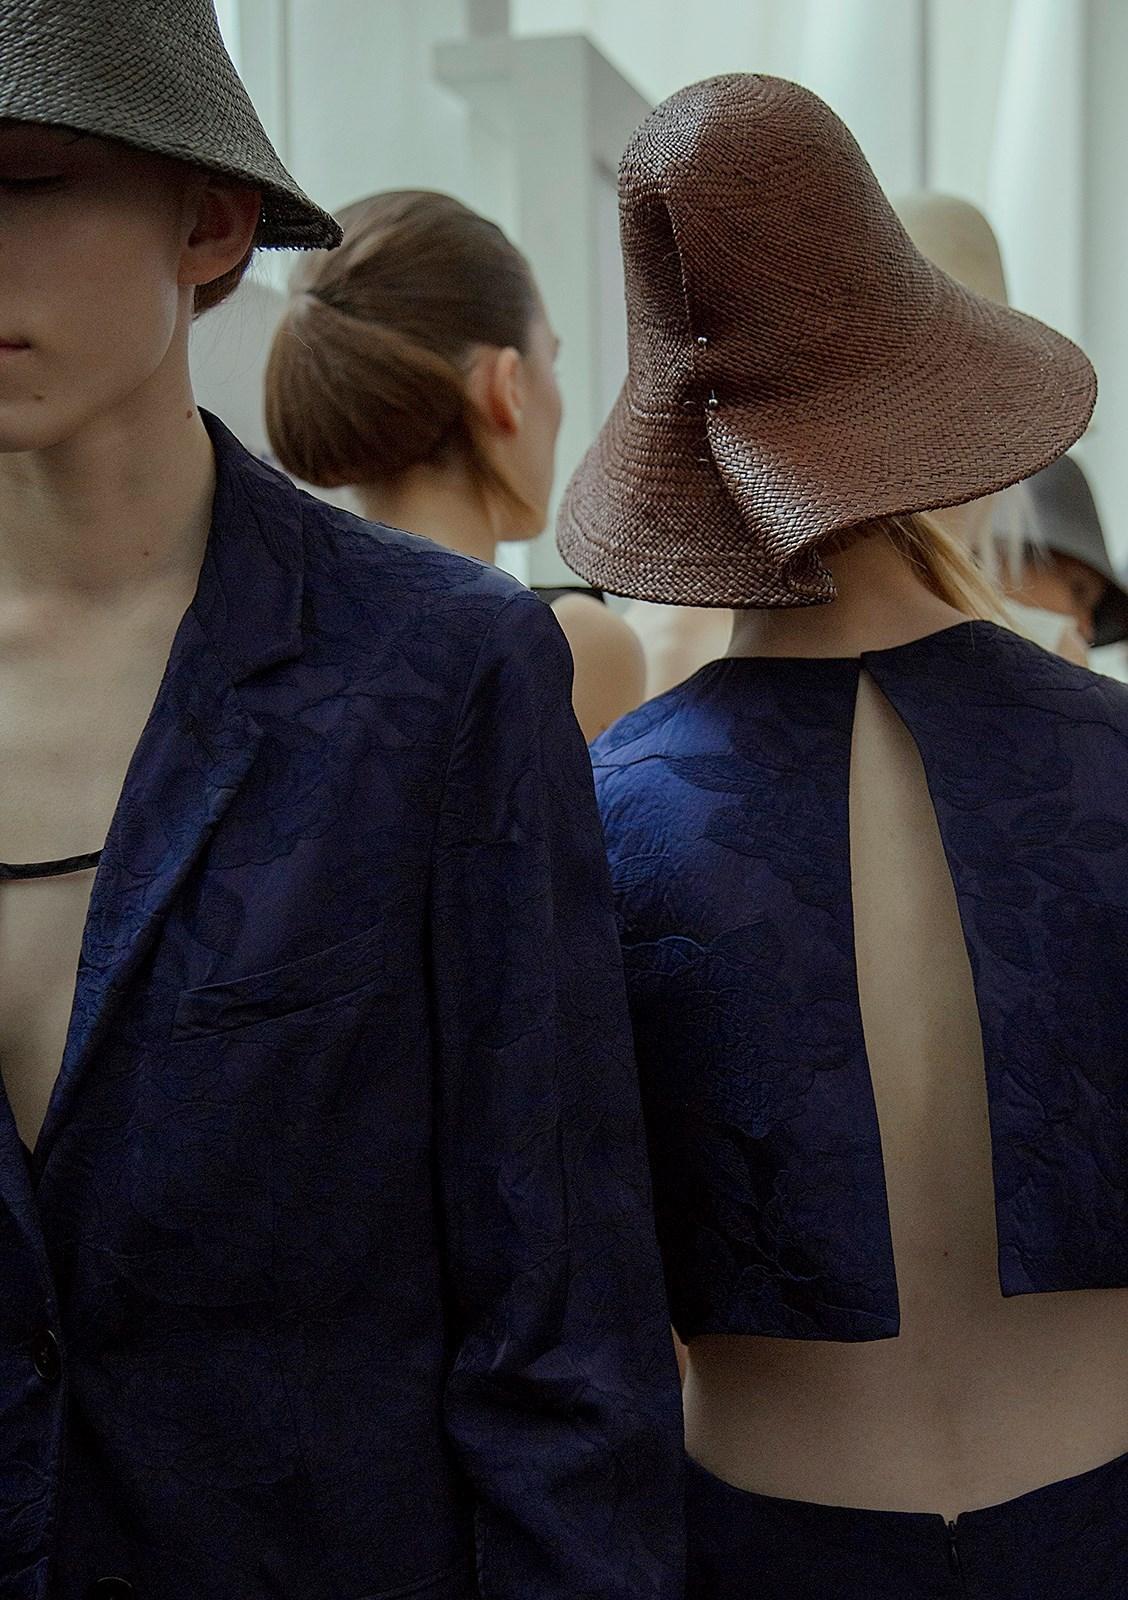 www.dazeddigital.com/fashion/gallery/20637/21/jil-sander-ss16